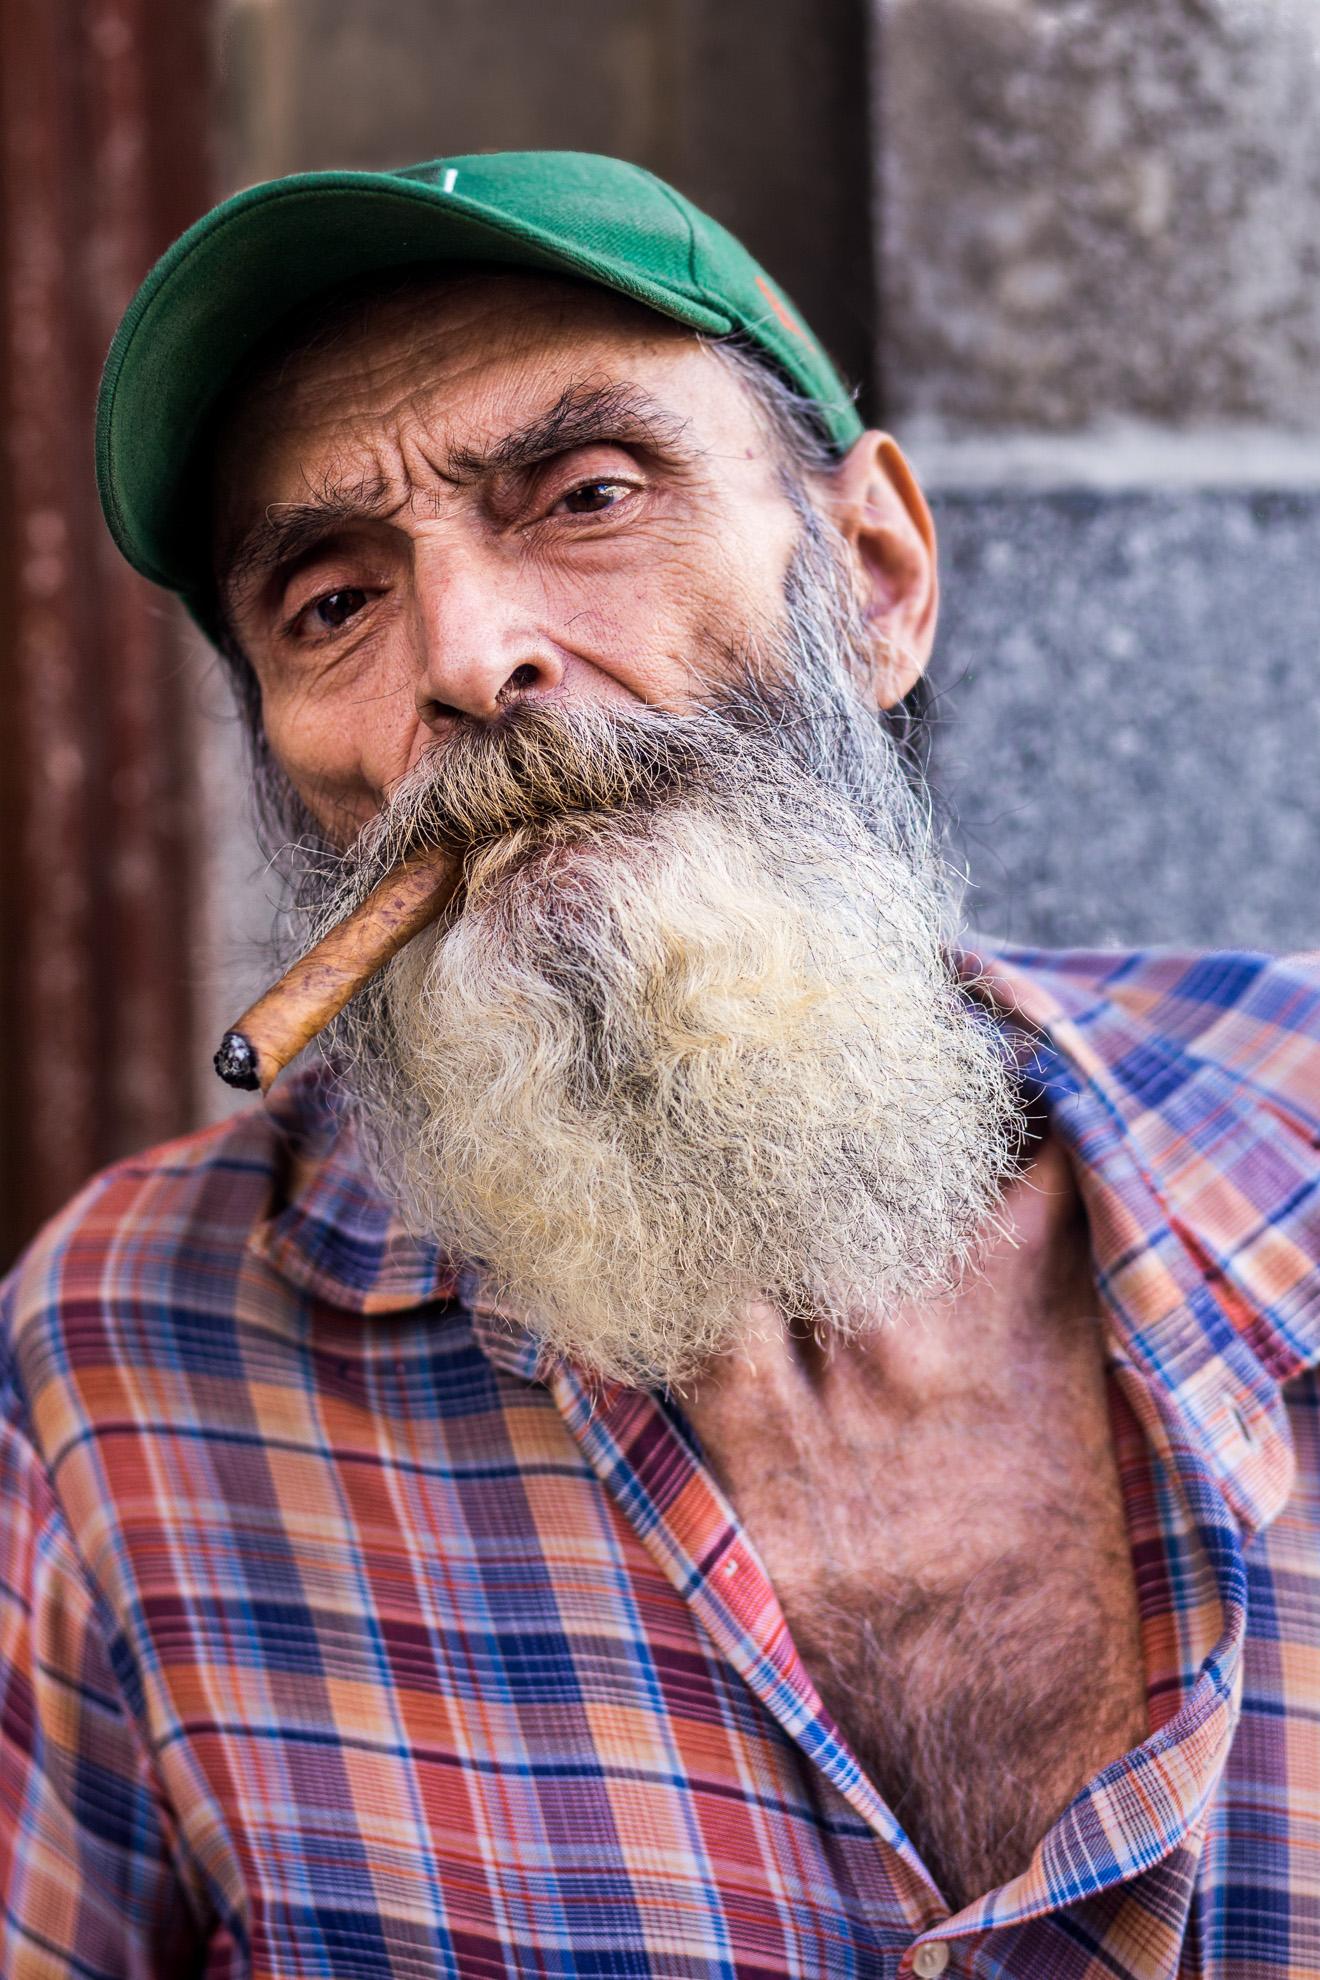 O Saillard Photographe - Cuba-004.jpg